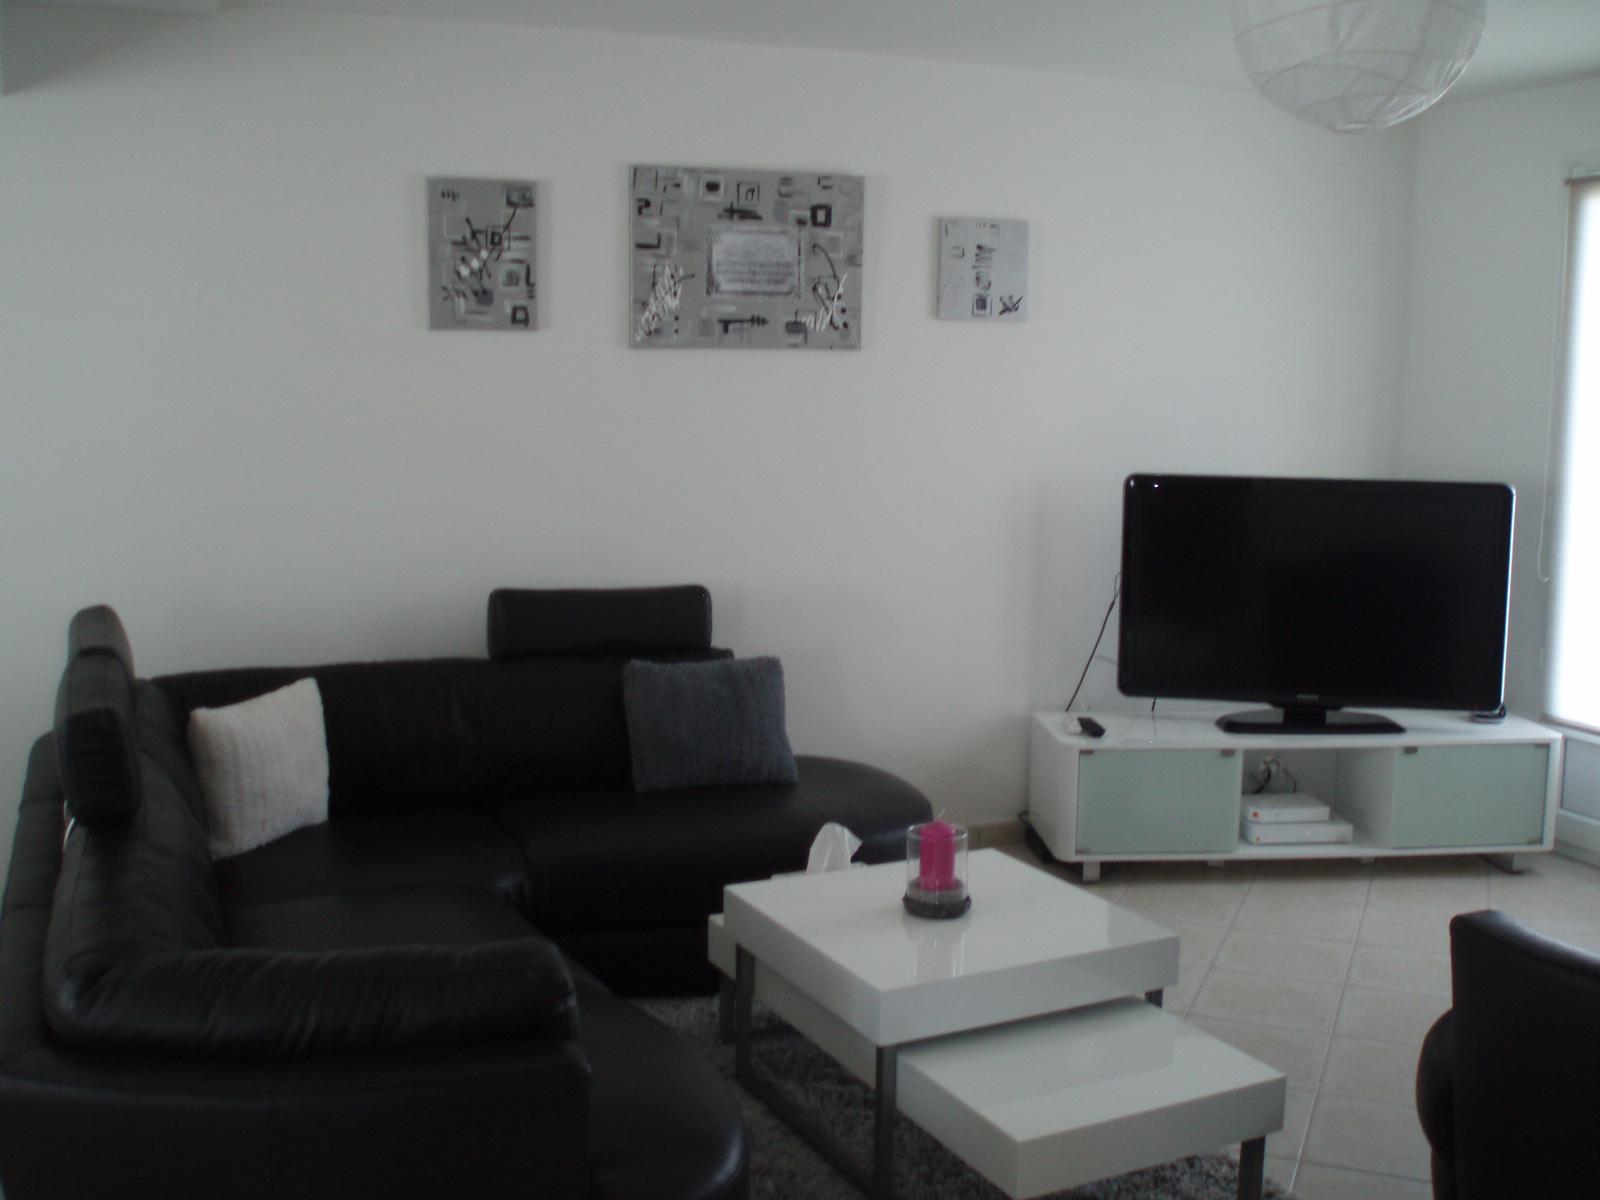 tableau abstrait sourate du coran chez sonia tableau home deco de sabine nouaoui aux pays d adam. Black Bedroom Furniture Sets. Home Design Ideas